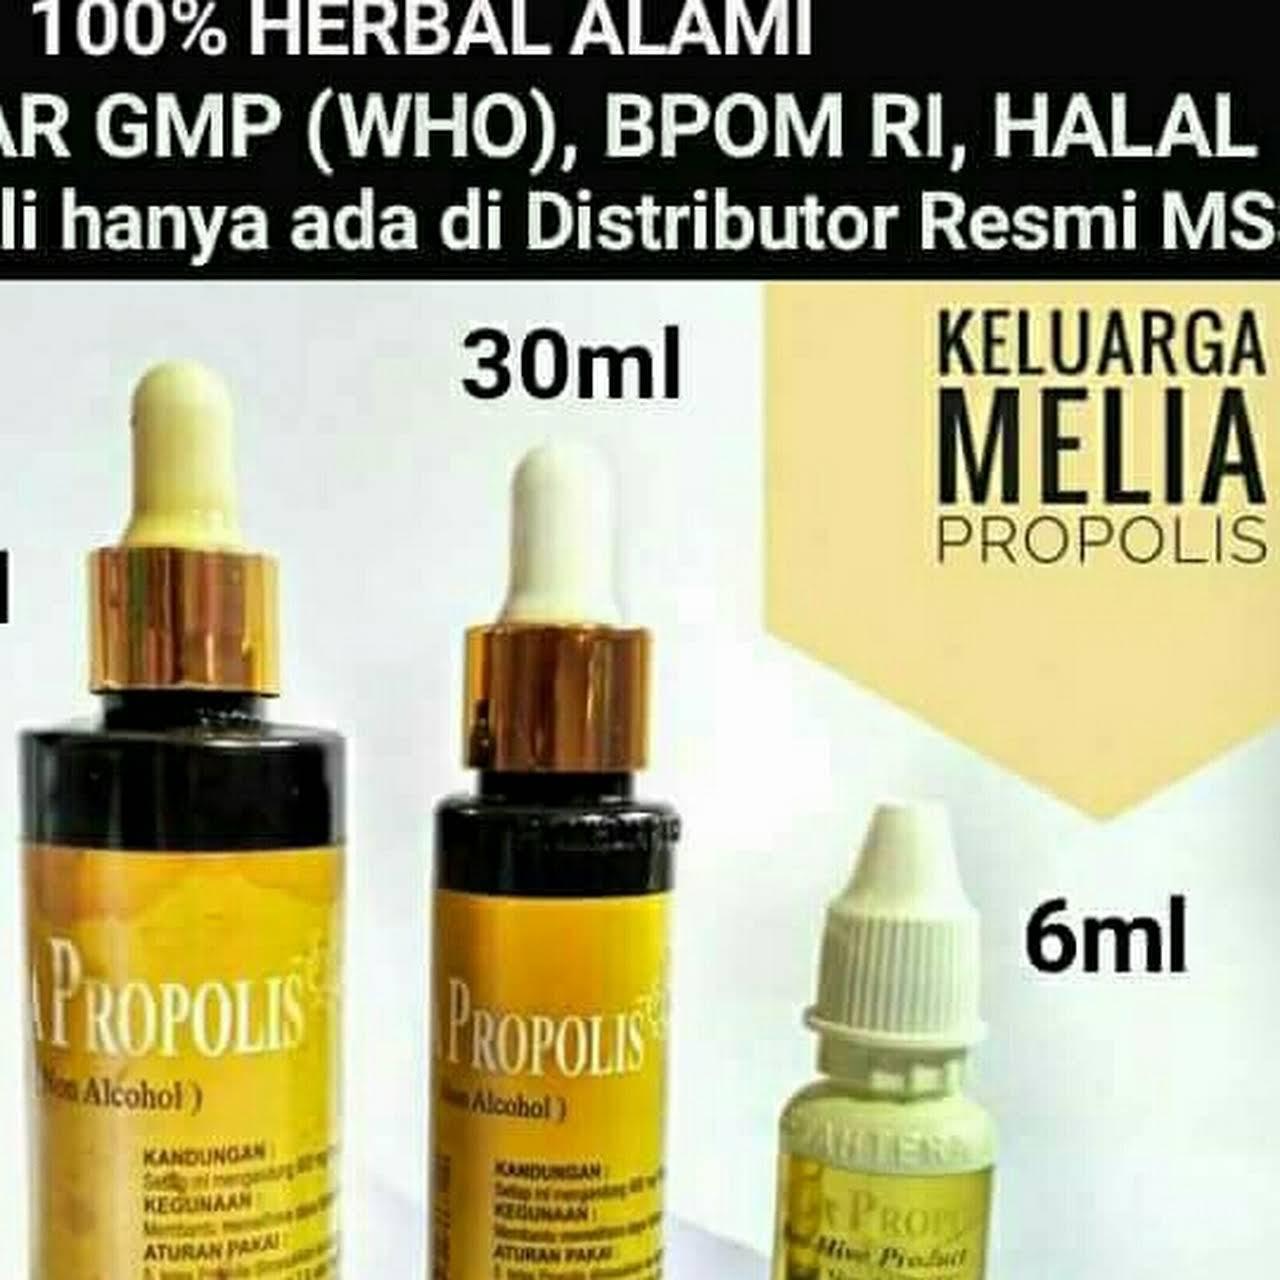 Melia Propolis Biyang Asli Original Toko Herbal